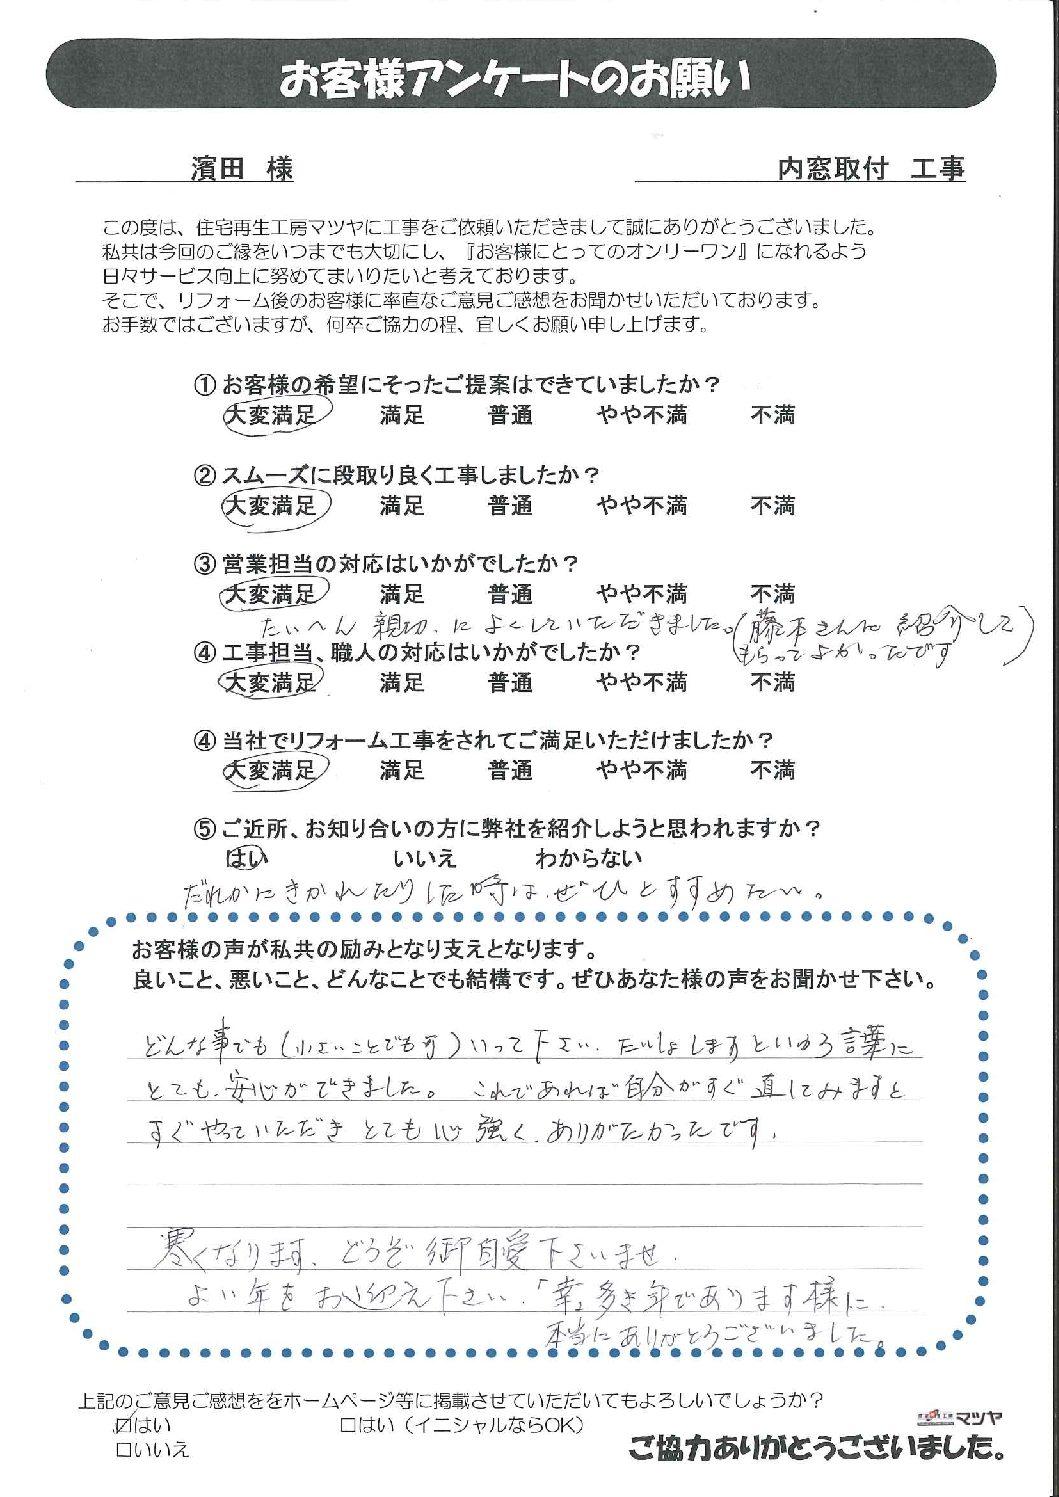 内窓取付工事 濱田様の直筆